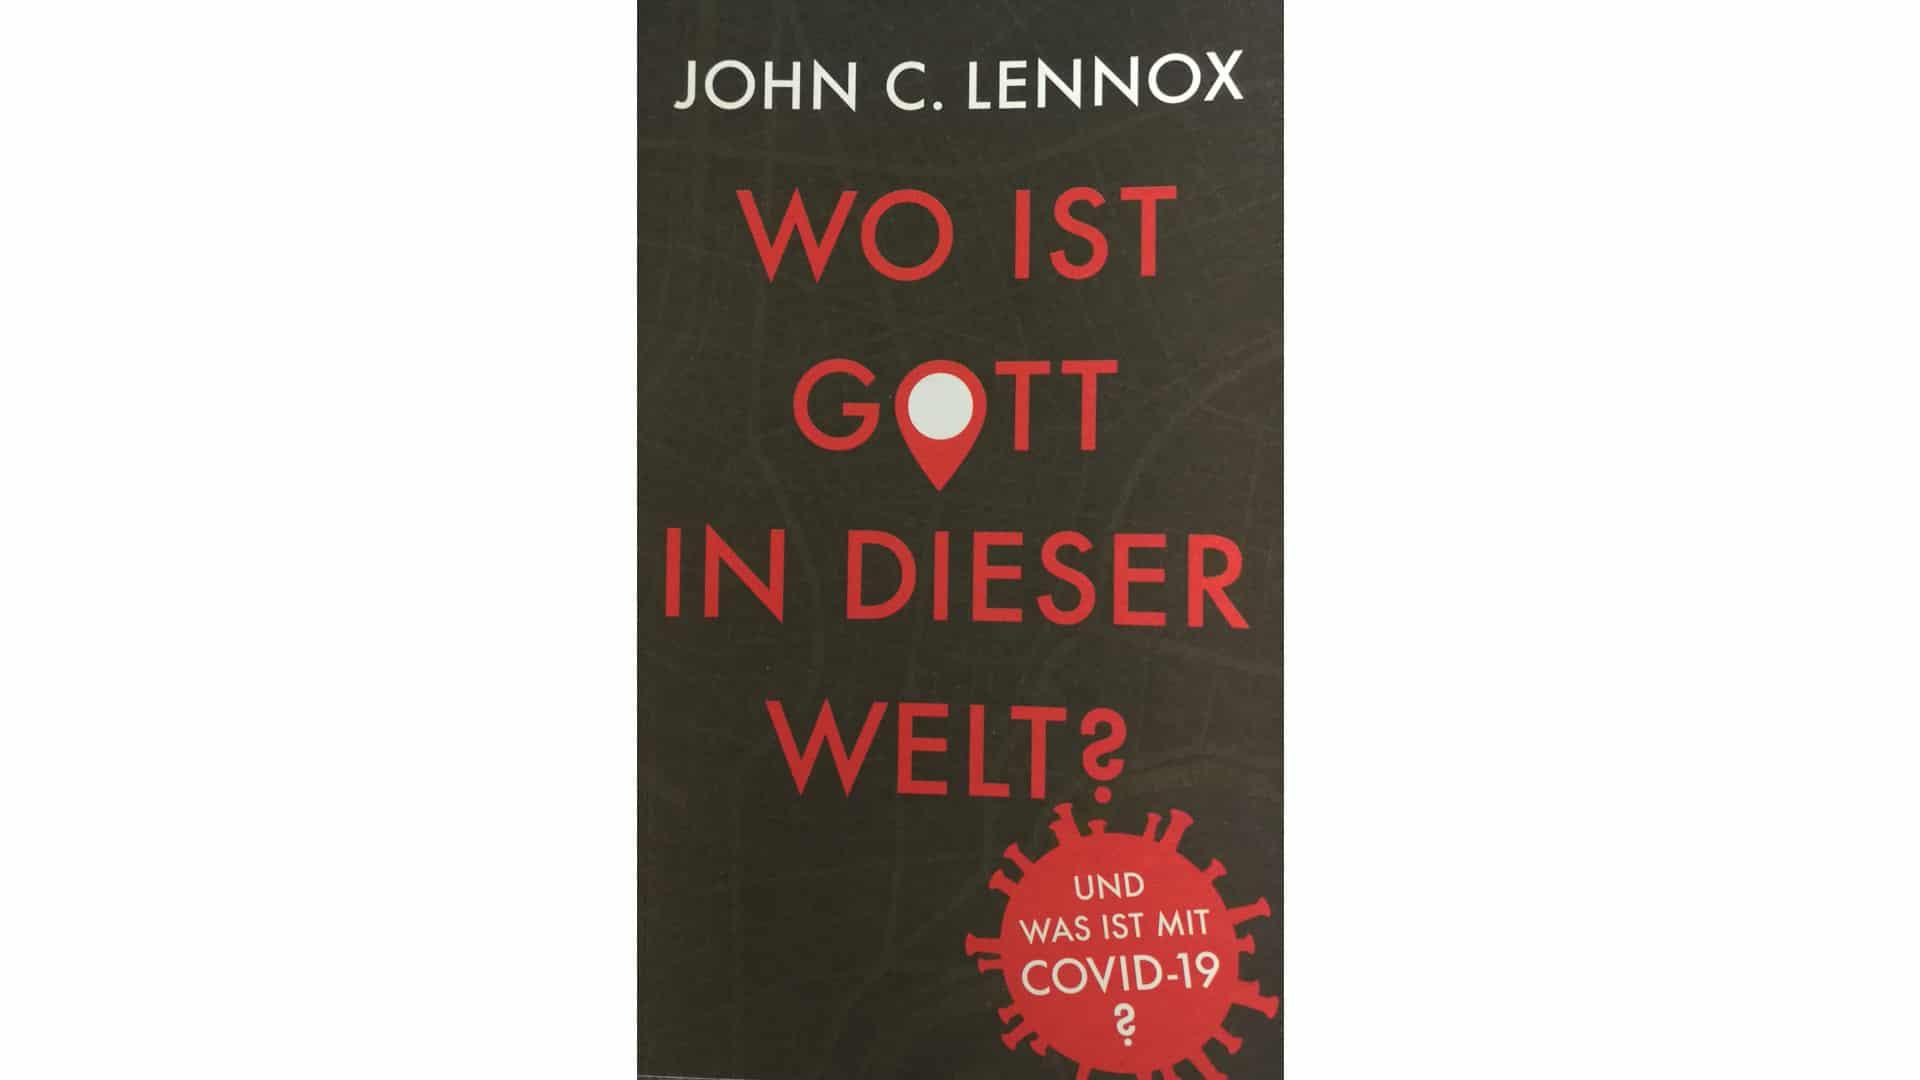 """John C. Lennox: """"Wo ist Gott in dieser Welt? Und was ist mit Covid-19?"""", Daniel, 72 Seiten, 2,90 Euro, ISBN 9783945515501"""